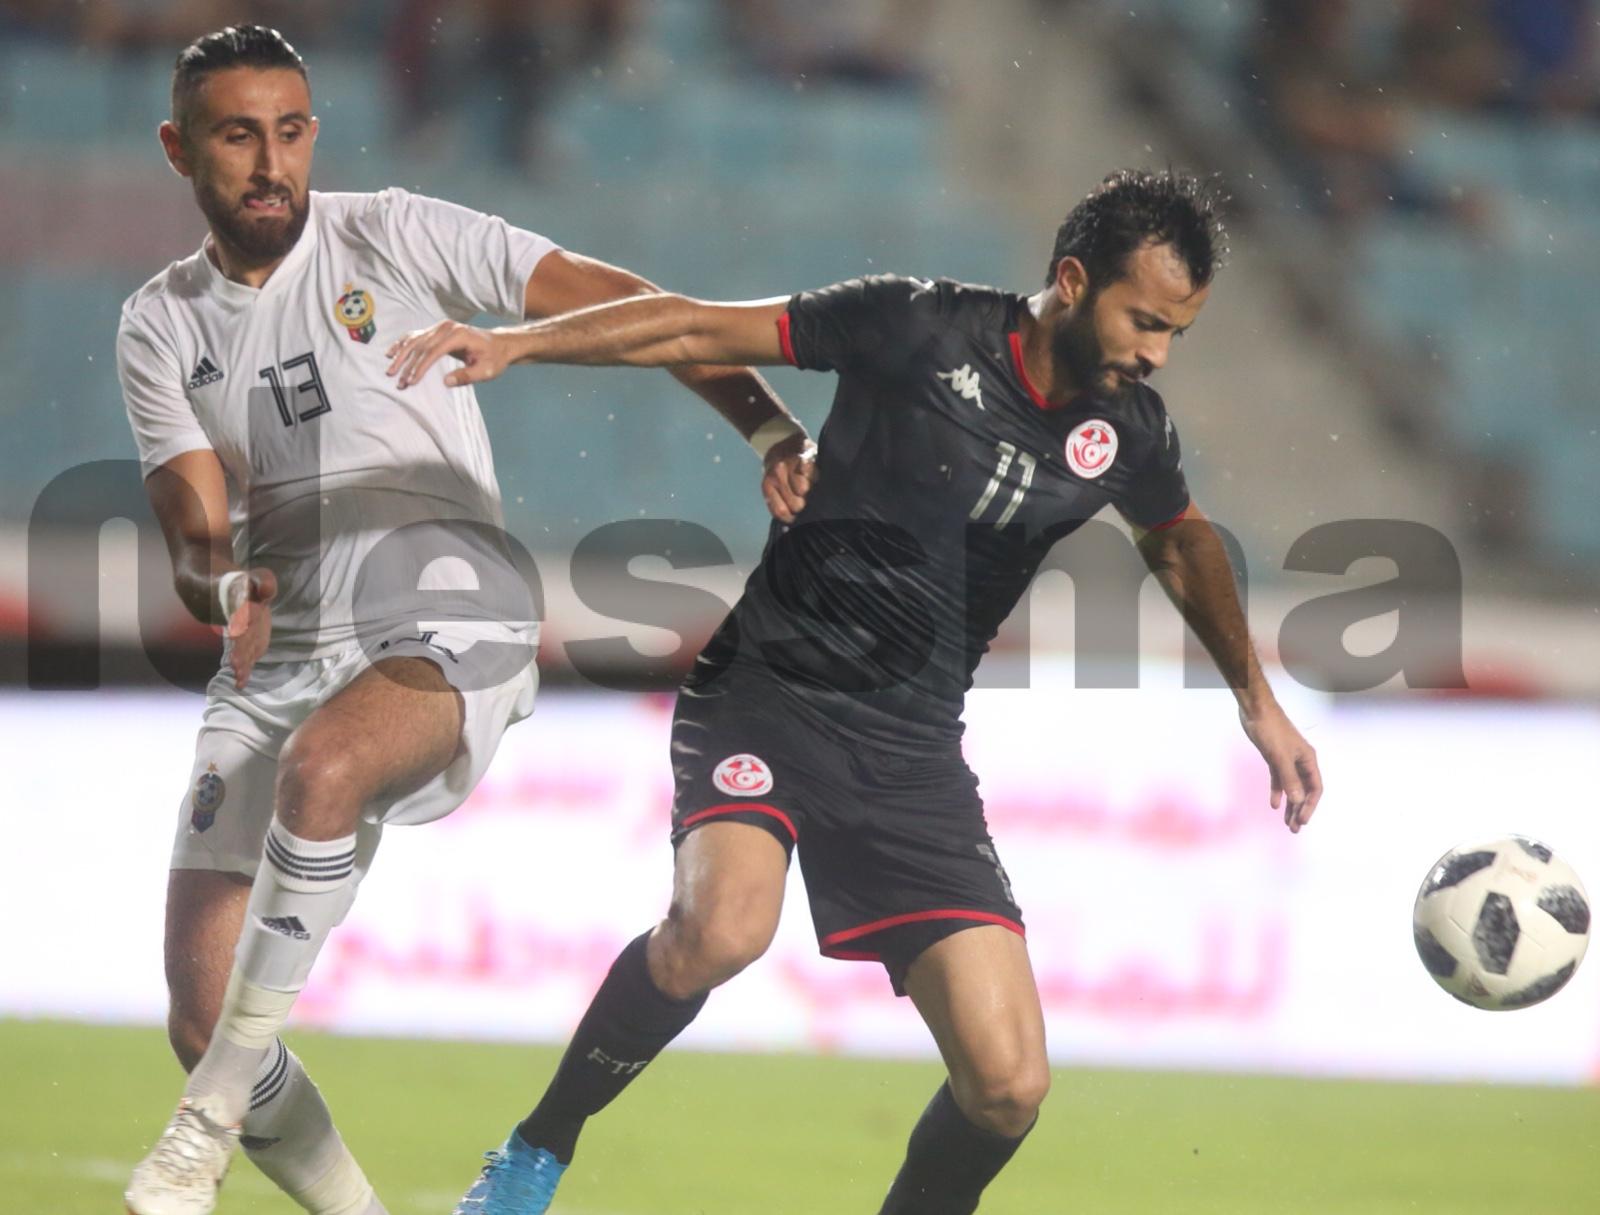 صور الشوط الثاني من مباراة المنتخب التونسي والمنتخب الليبي